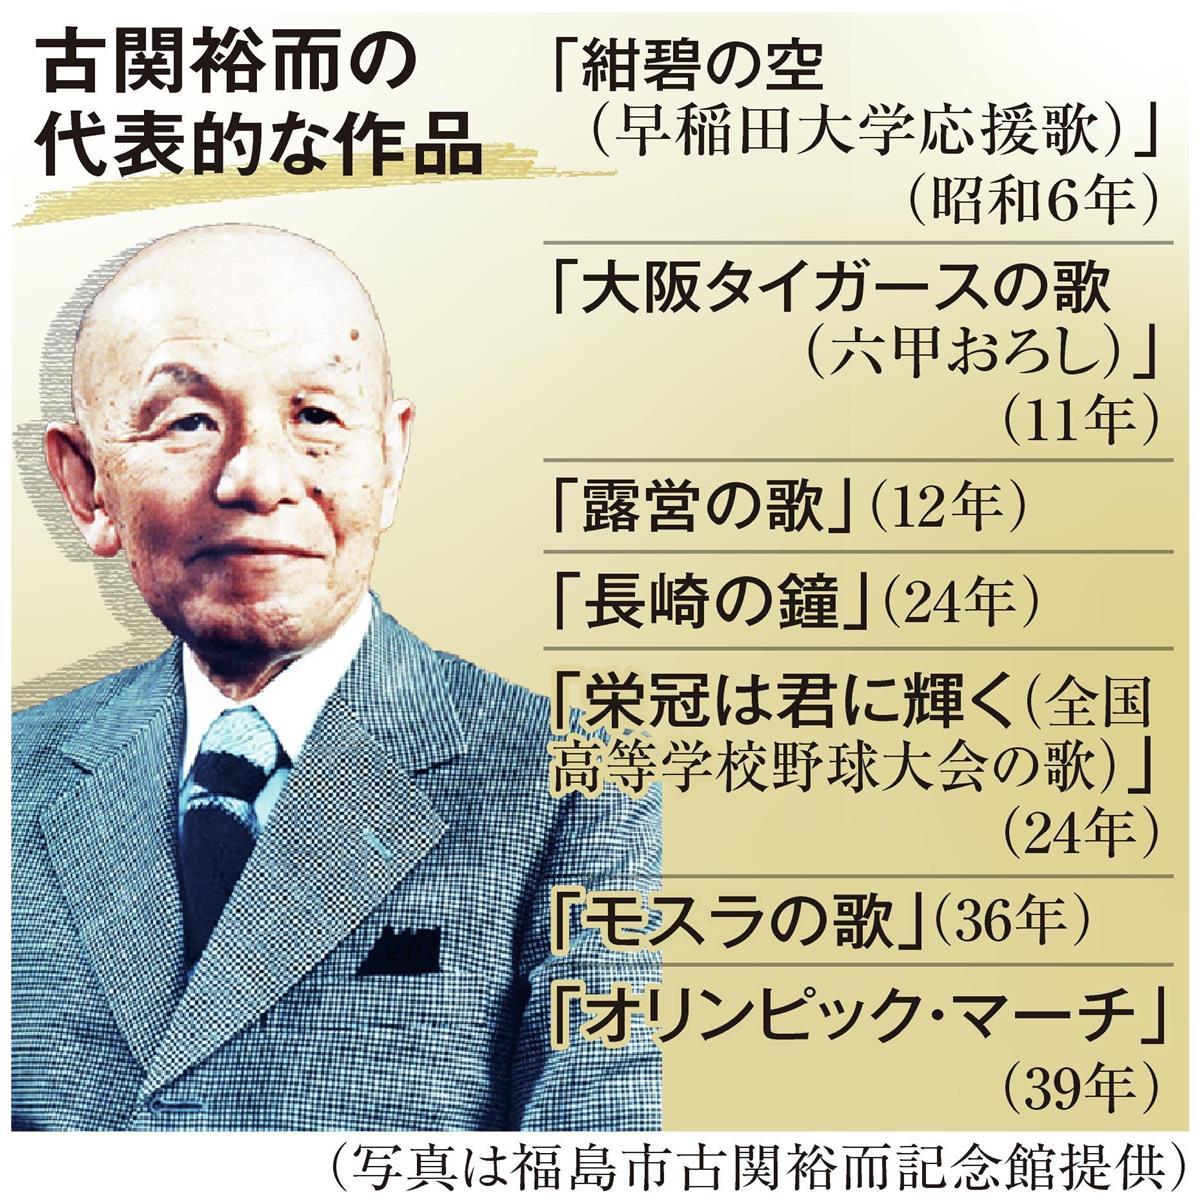 古関 裕 而 行進 曲 古関裕而 - Wikipedia